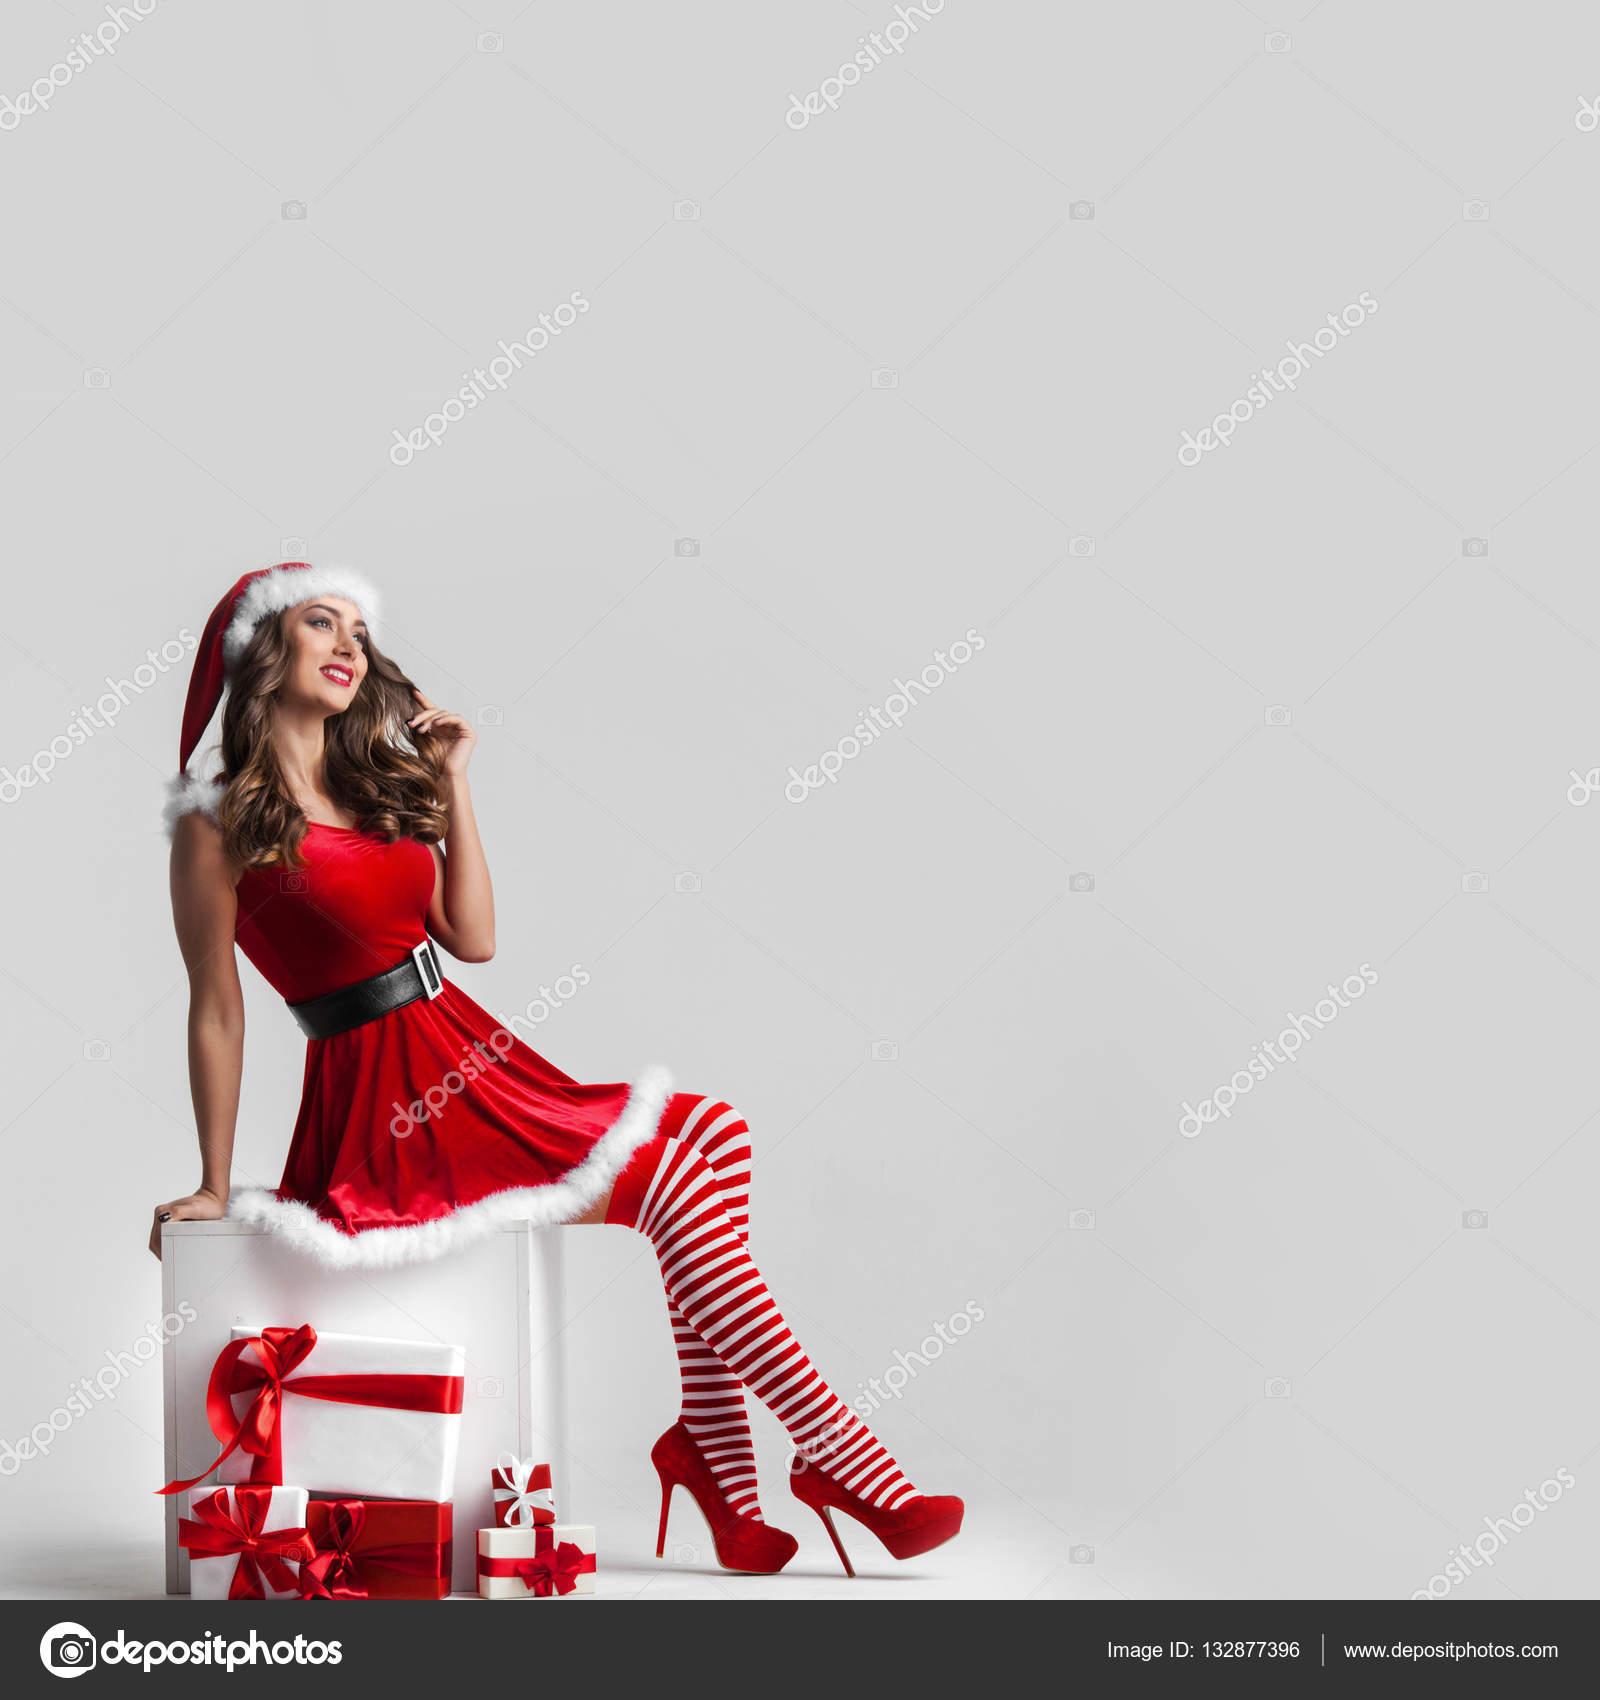 Regali Di Natale Ragazza.Ragazza Pin Up Con I Regali Di Natale Foto Stock C Yellow2j 132877396